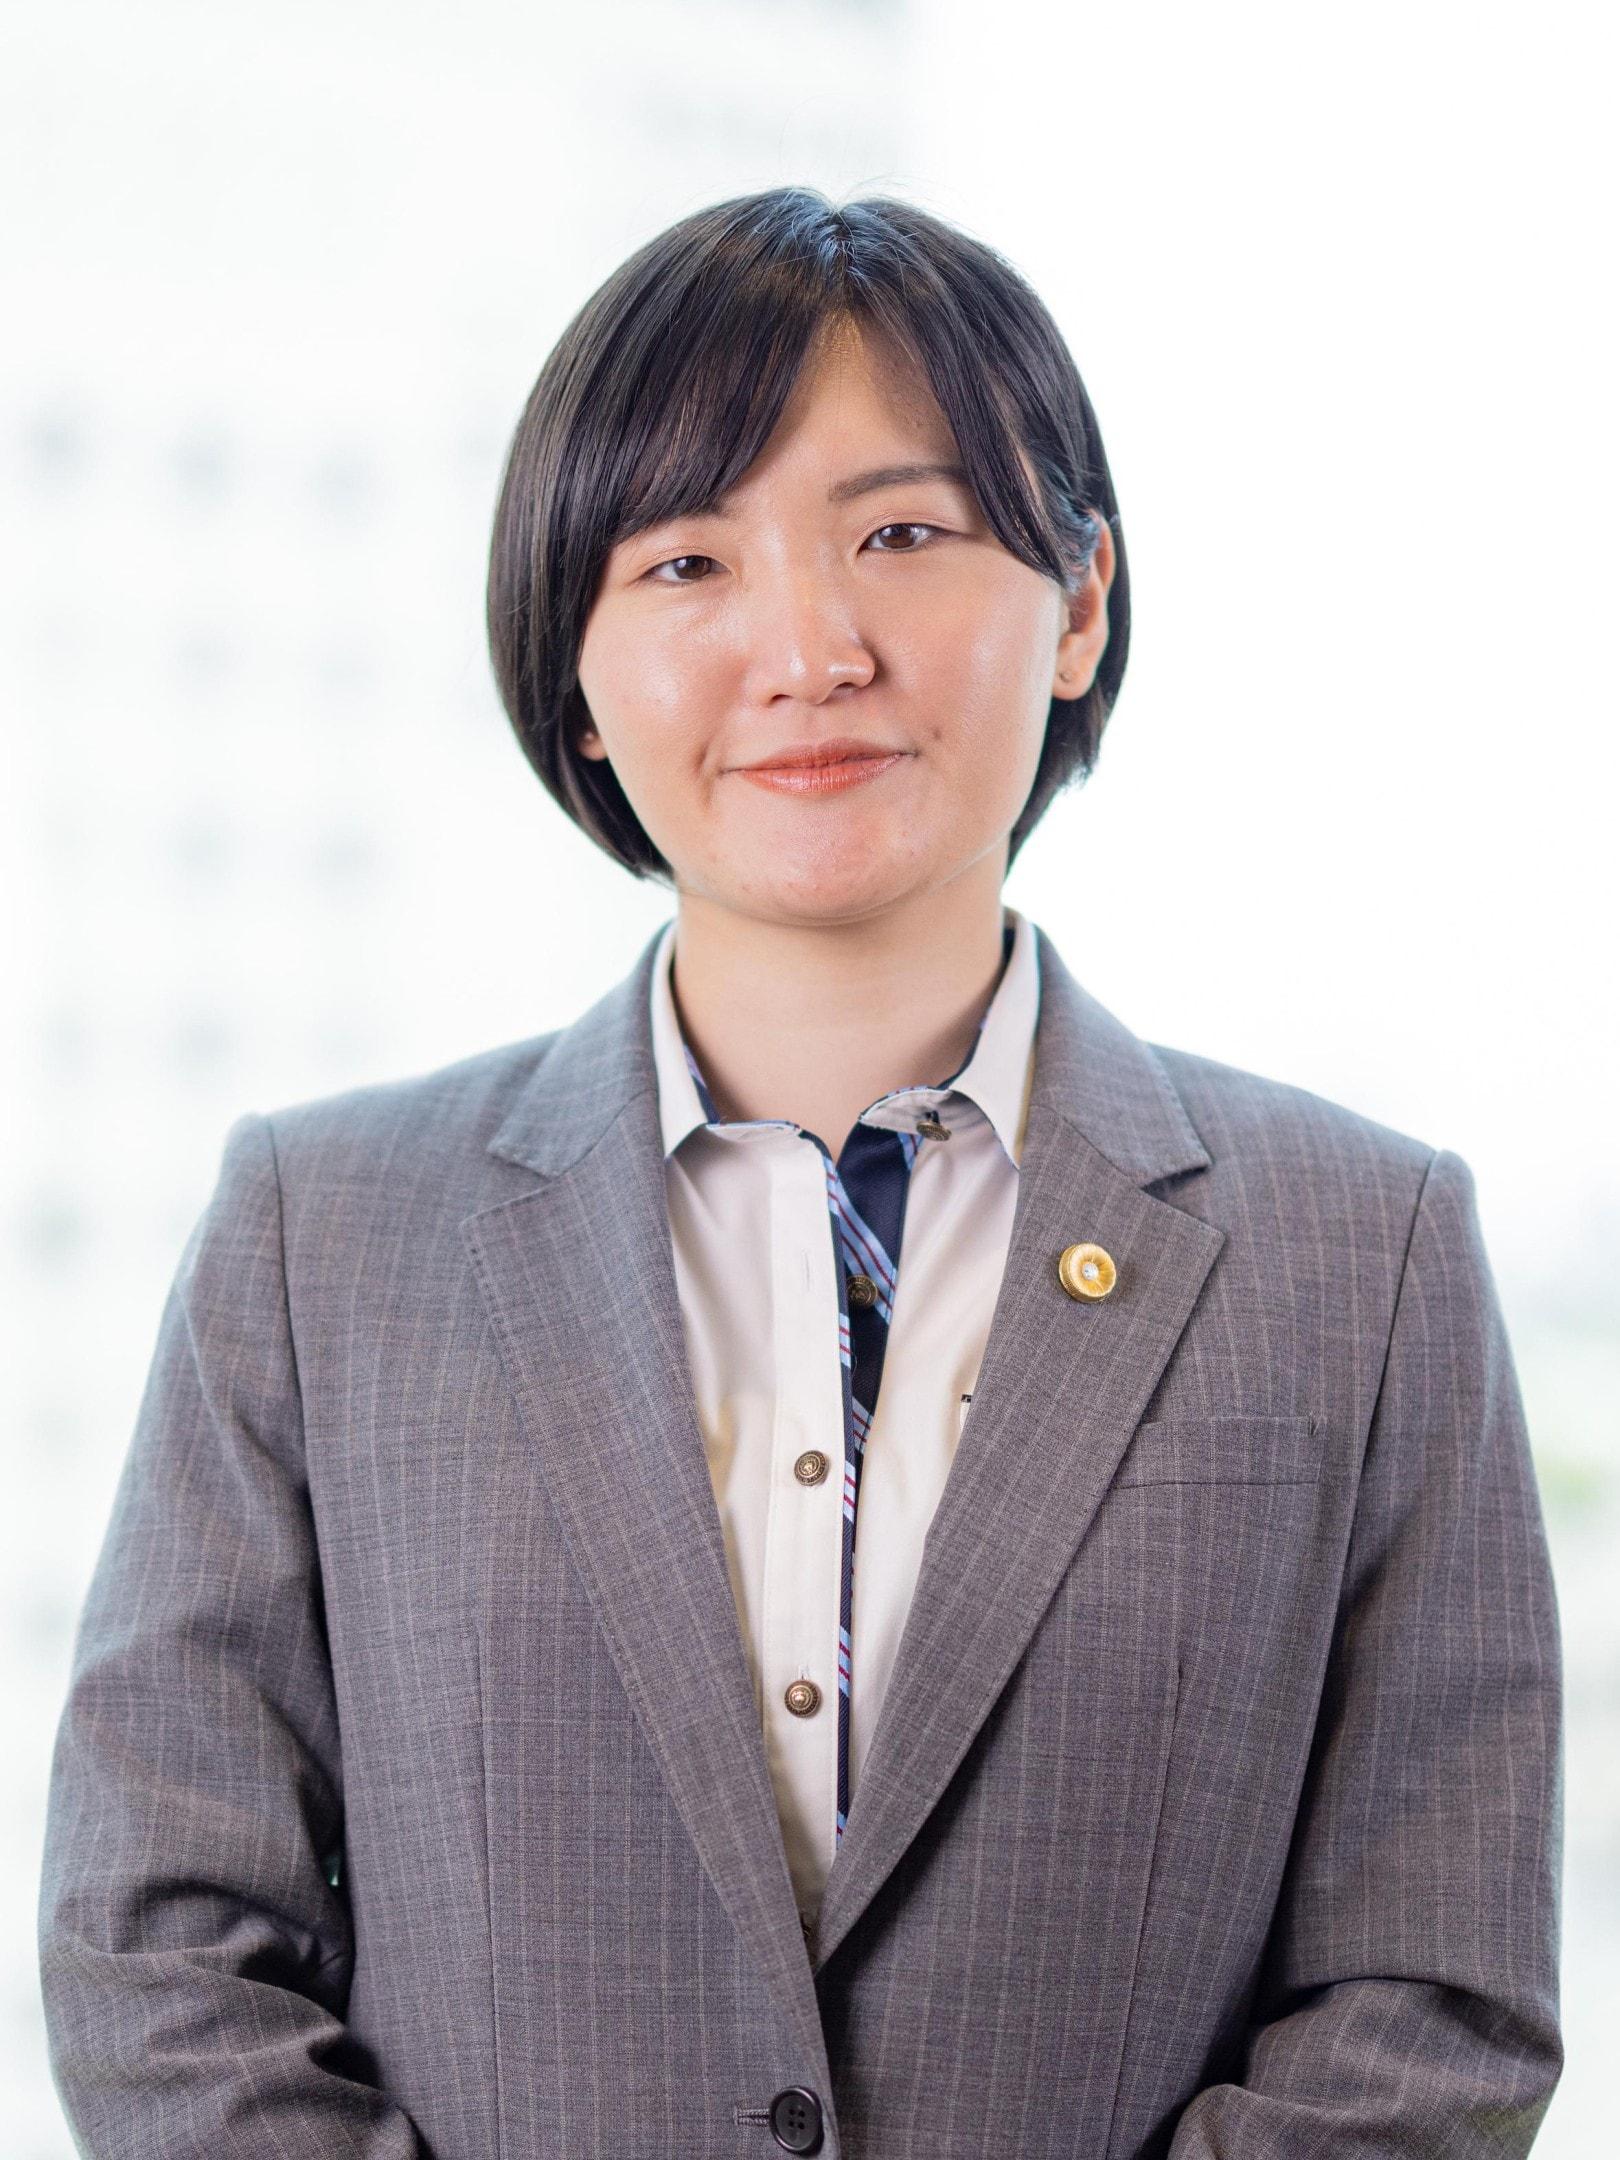 中村 望弁護士